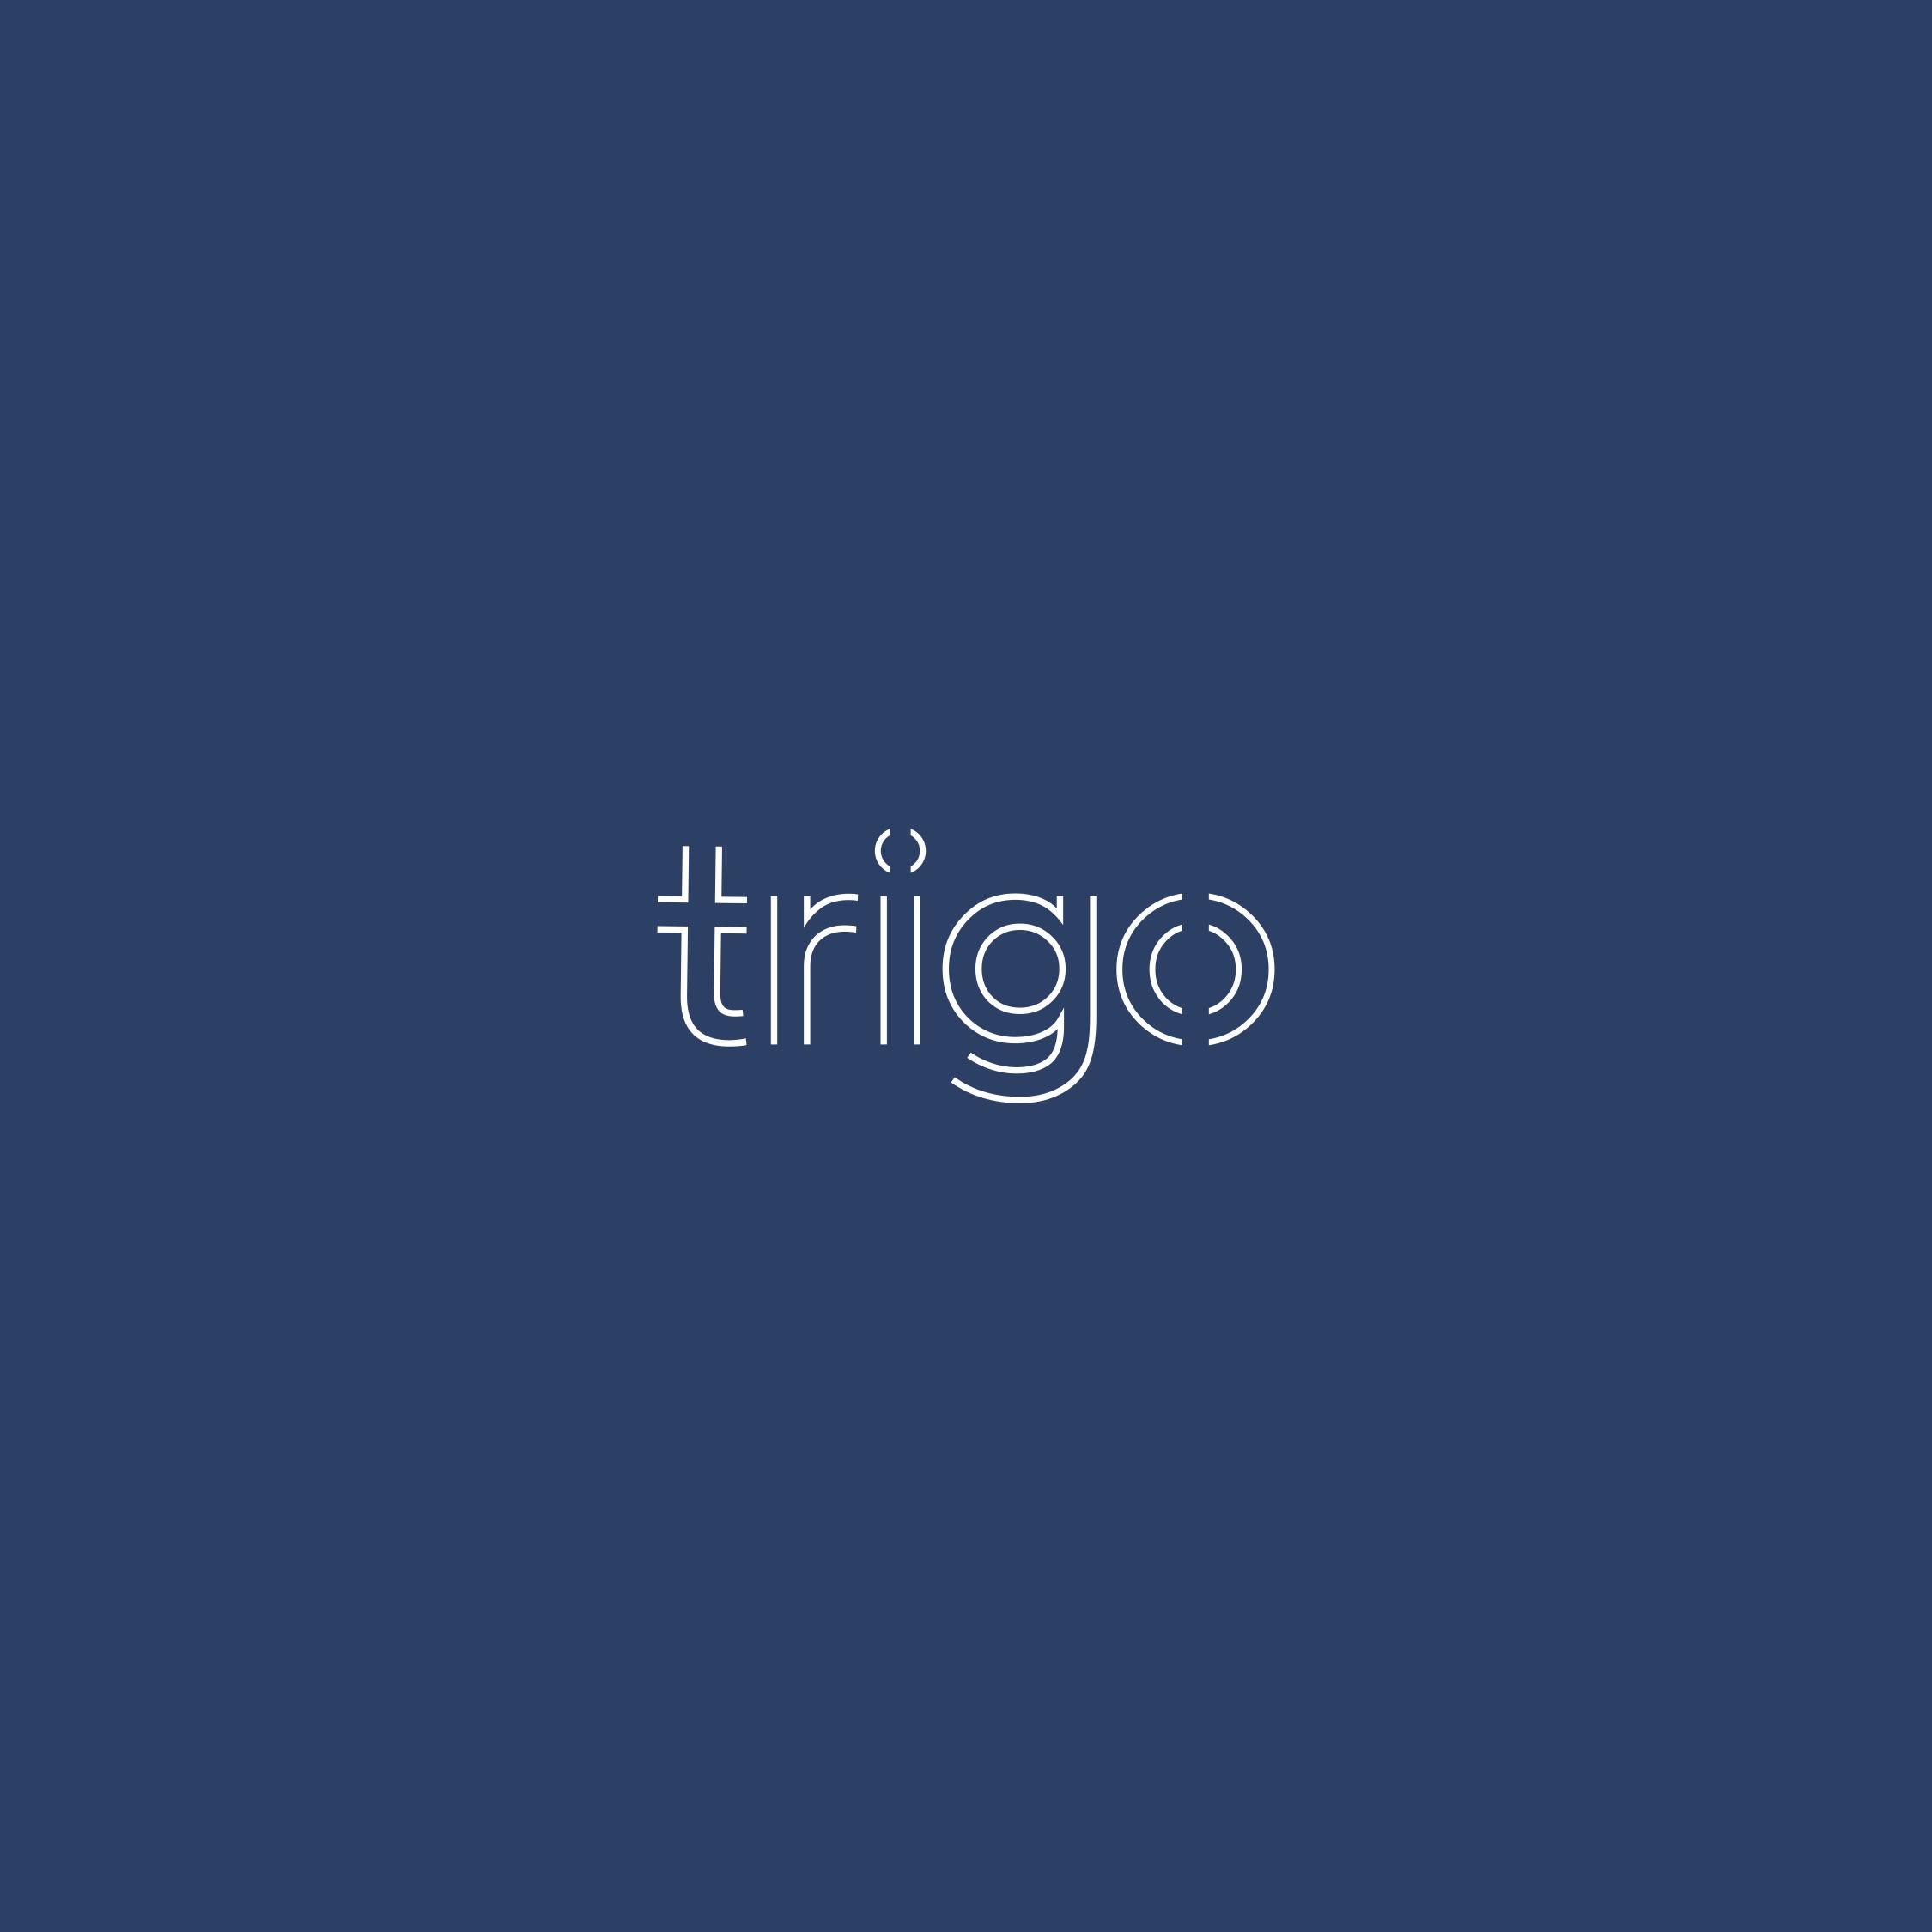 Trigo icon